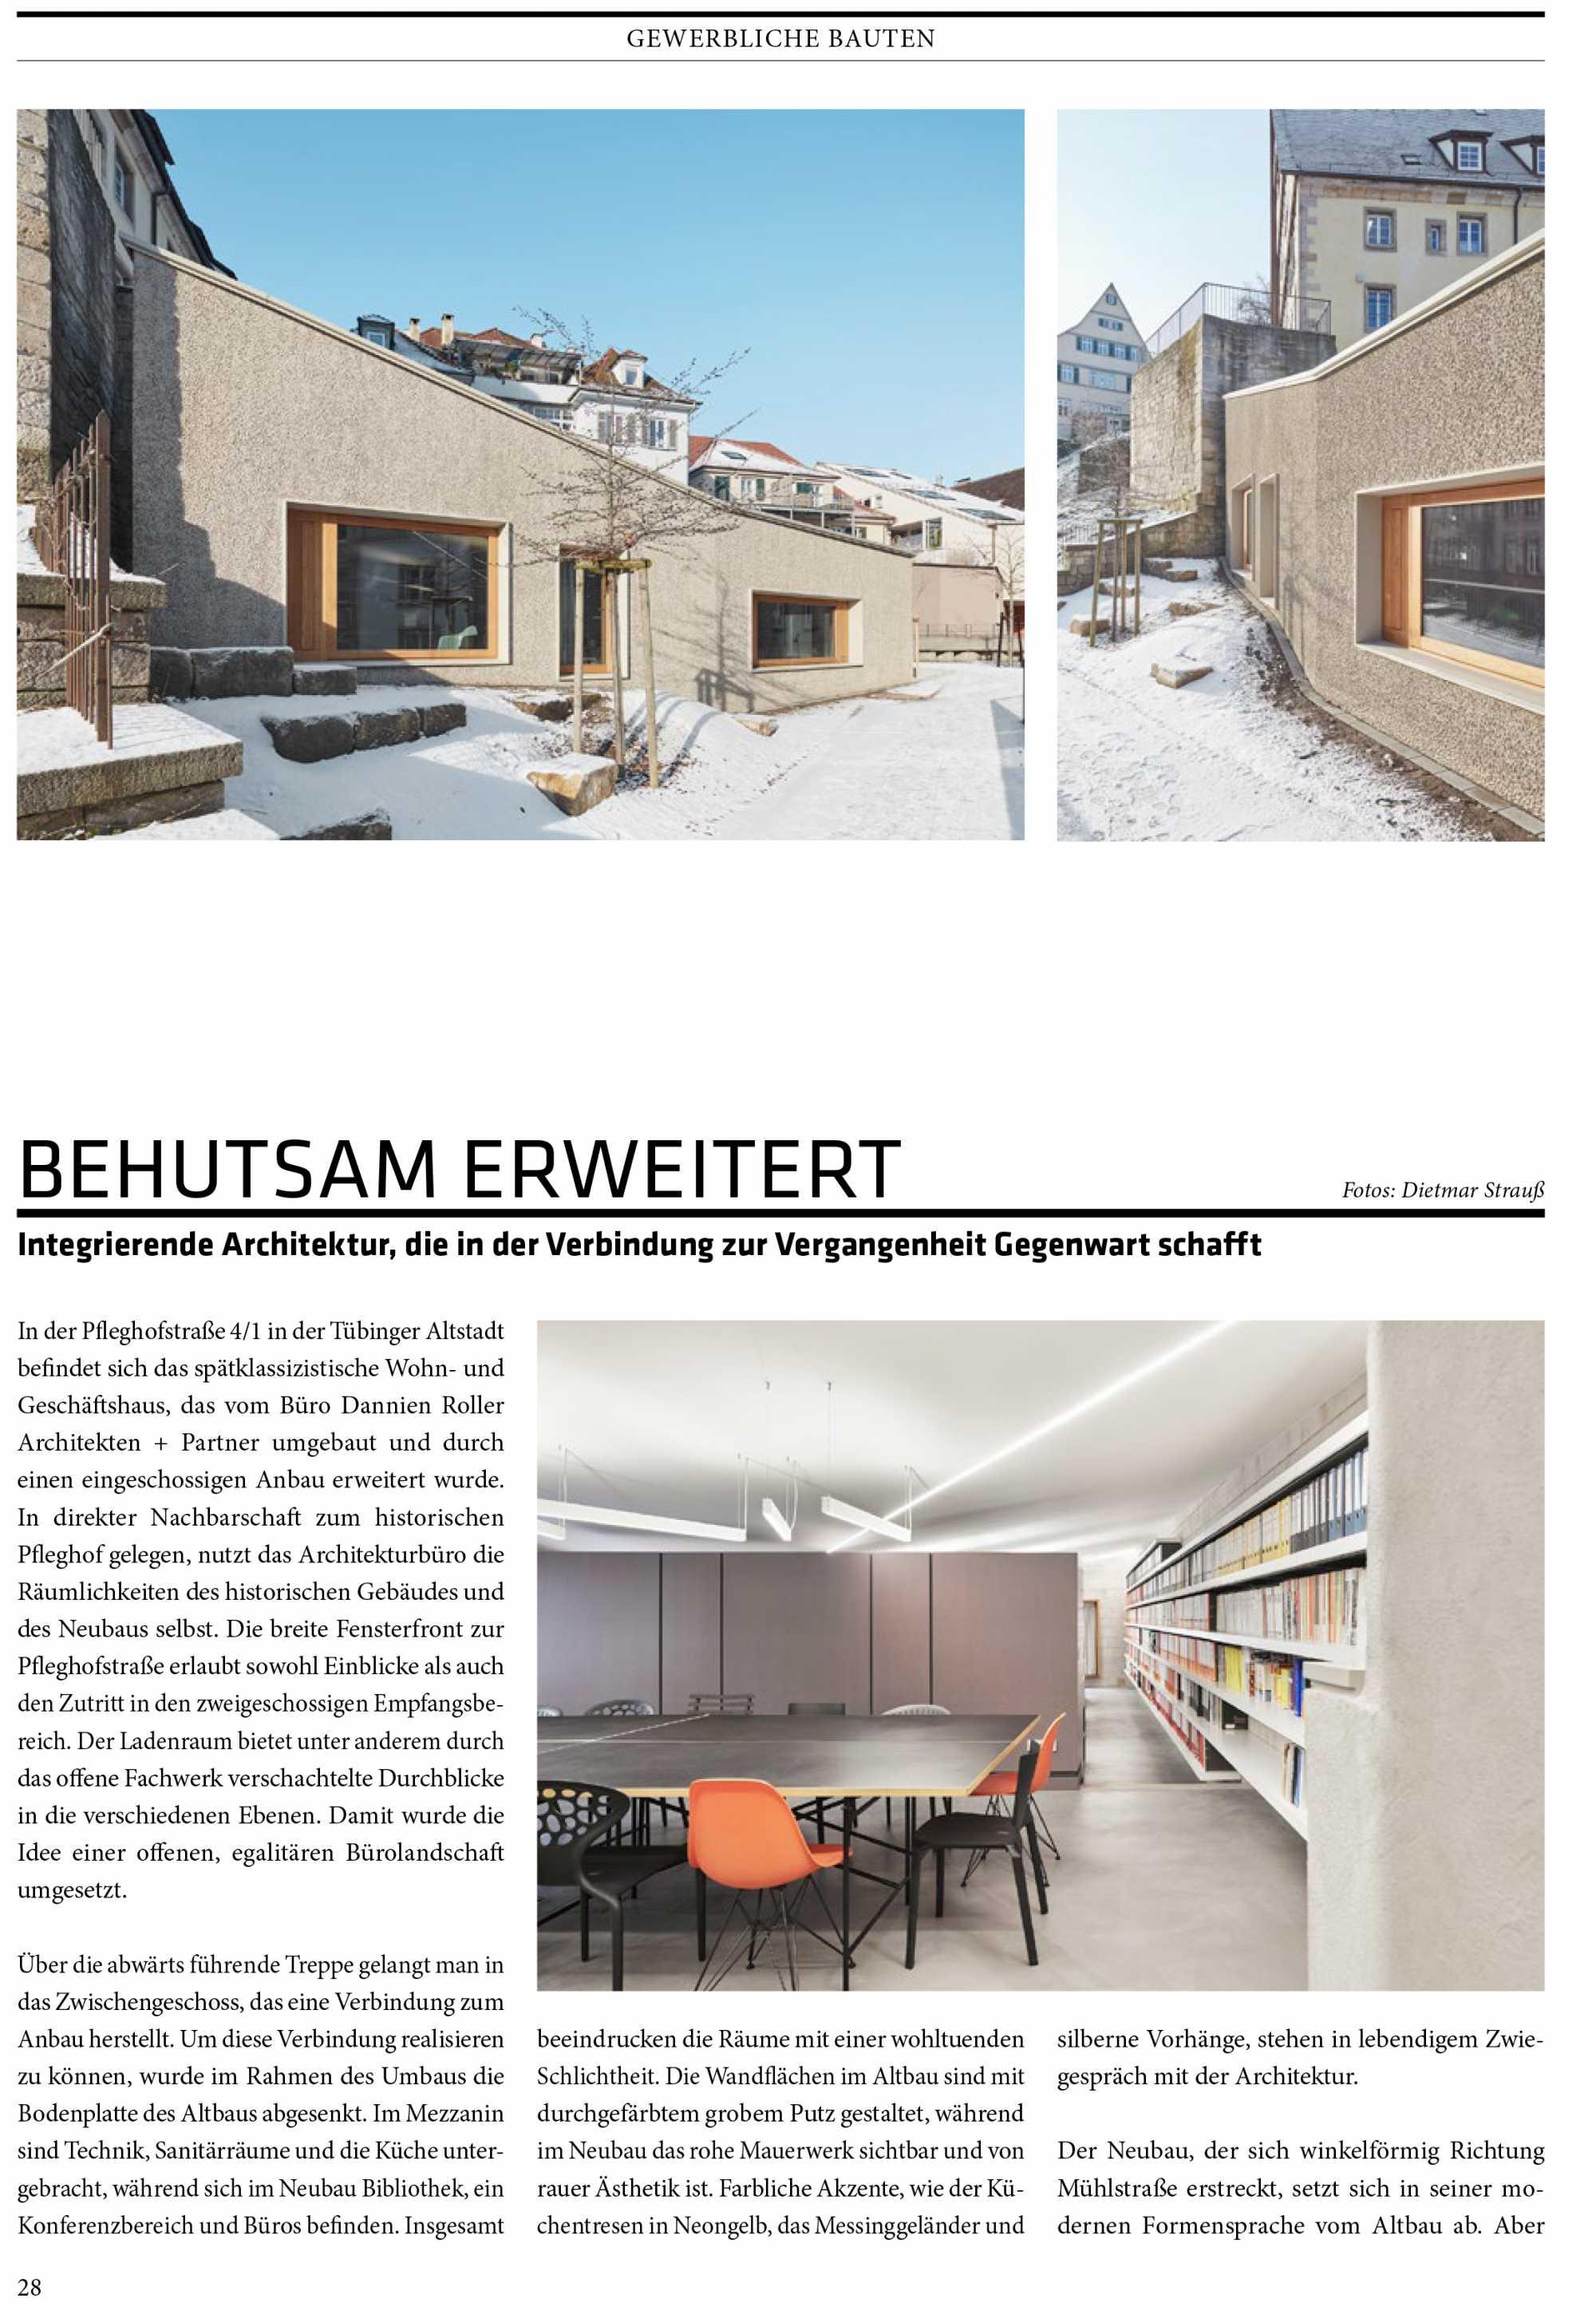 Veröffentlichung  Anbau und Umbau Wohn- und Geschäftsgebäude in Tübingen in dem Architekturmagazin CUBE Ausgabe 01/21 ({project_images:field_row_count})